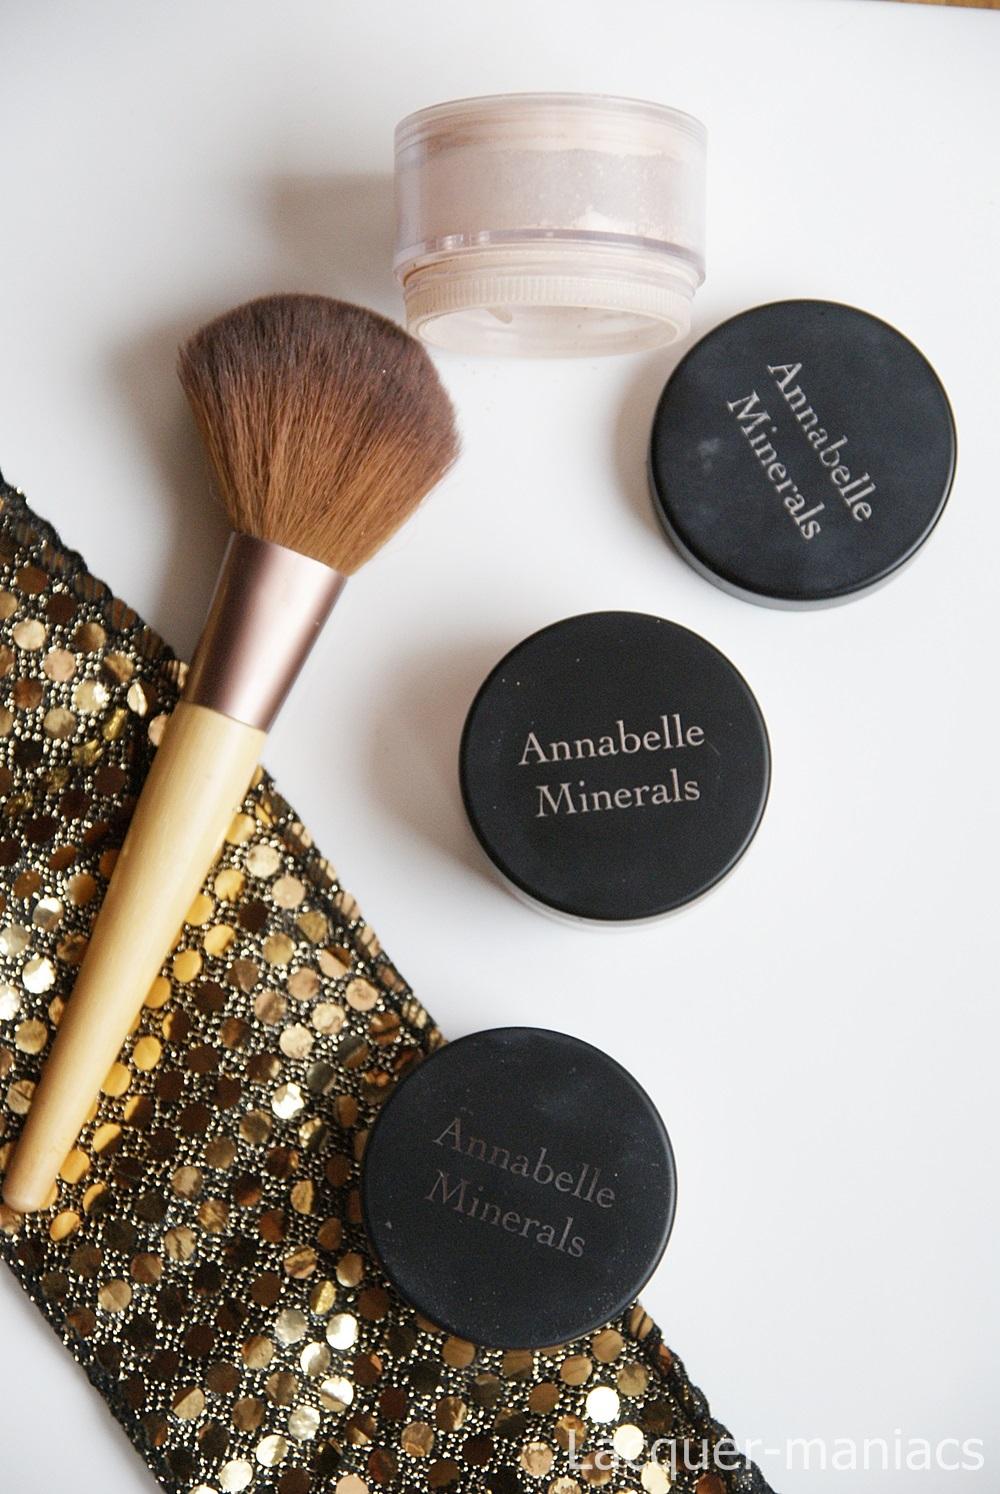 Nowości od Annabelle Minerals - pudry wykończeniowe - czy są tak samo dobre jak podkłady marki?